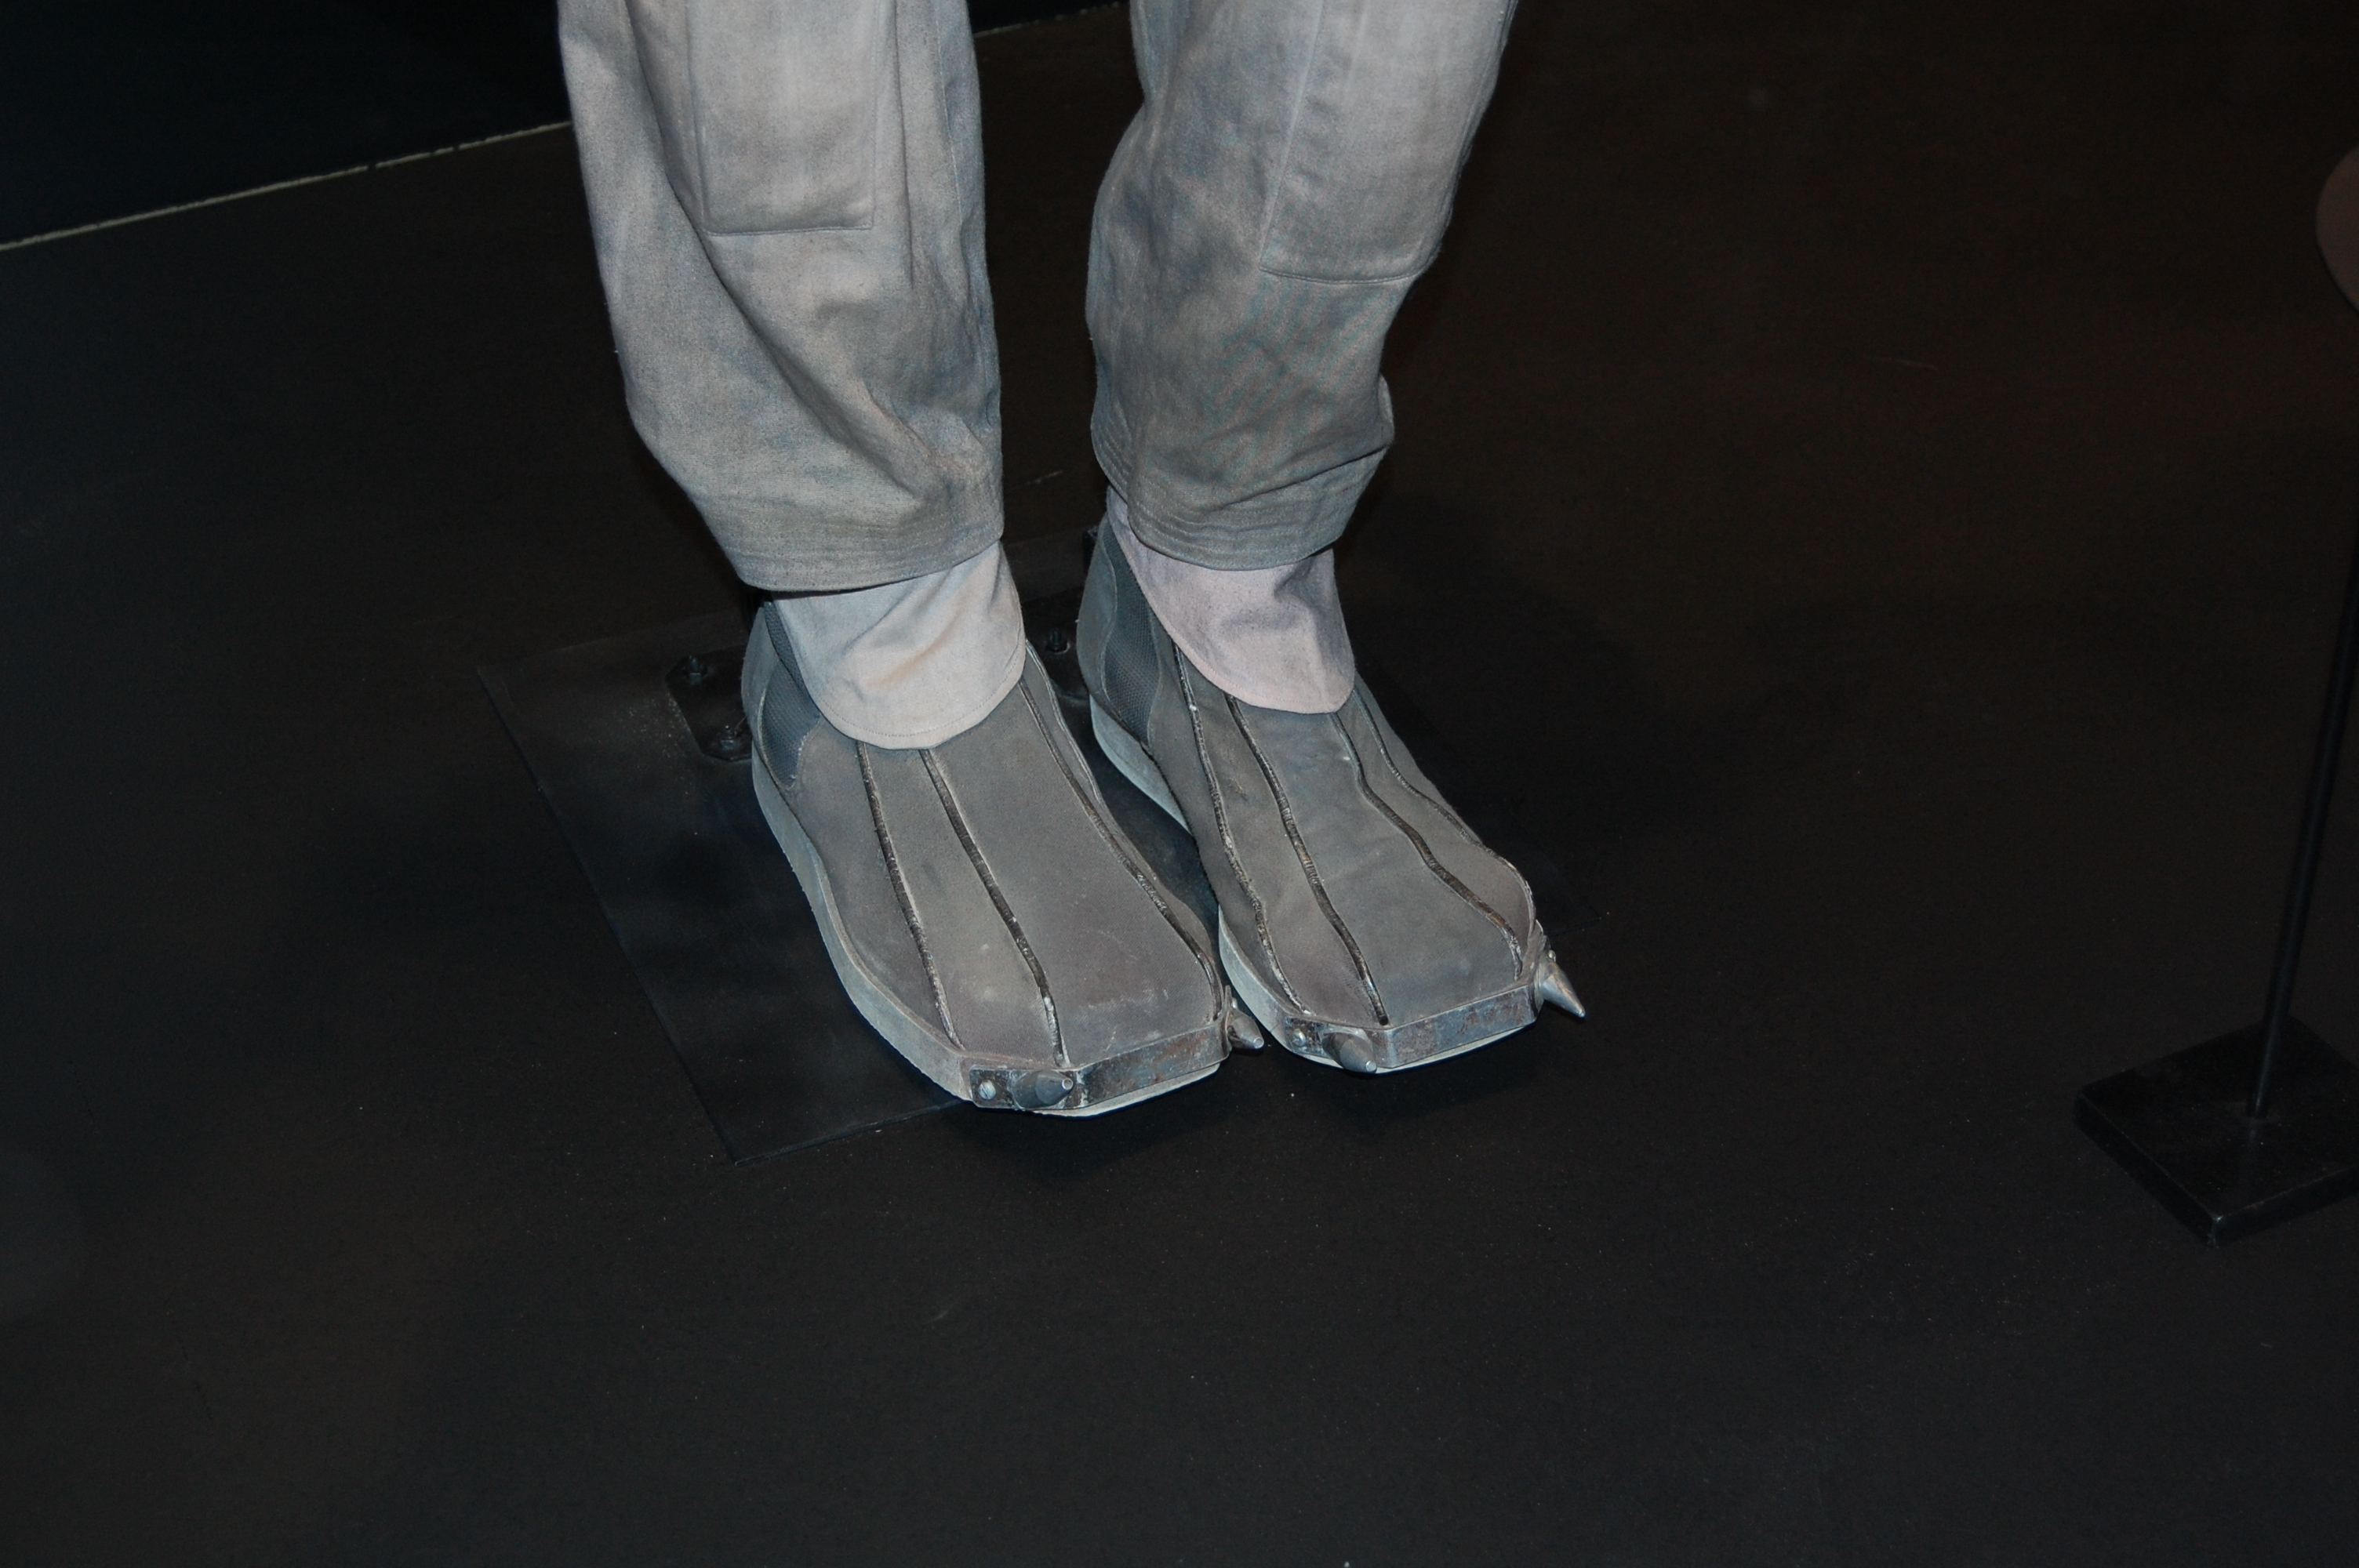 Boba-Fett-Costume-SWTE-11-23-2008-18.jpg